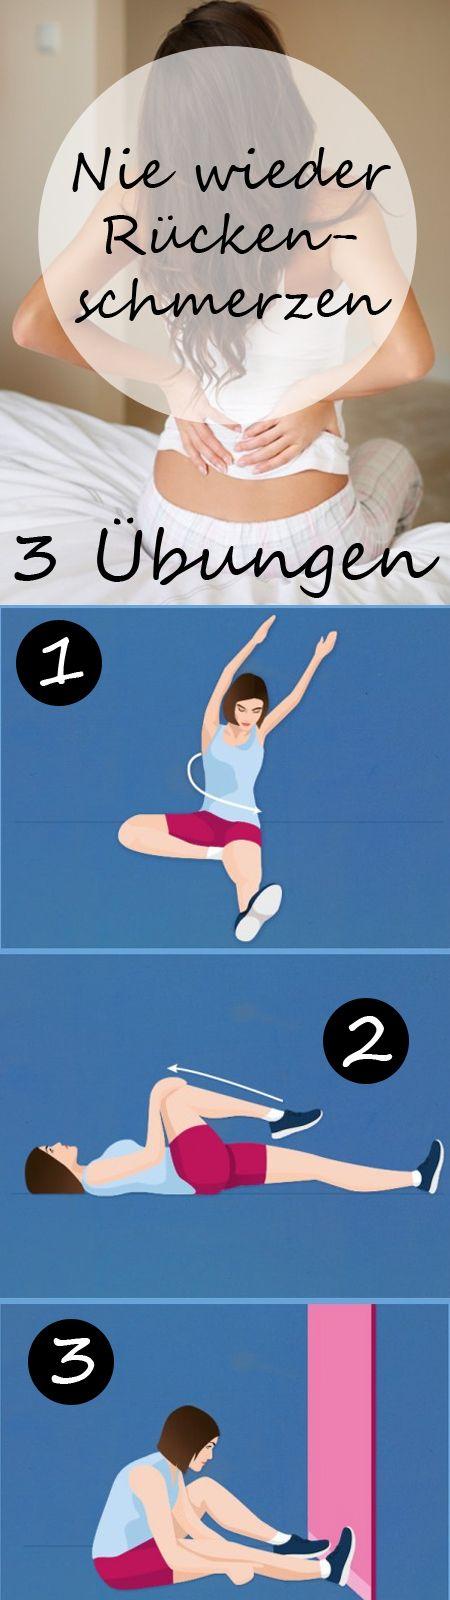 Osteopathie: 3 Übungen für den Rücken | Pinterest | Übungen für den ...